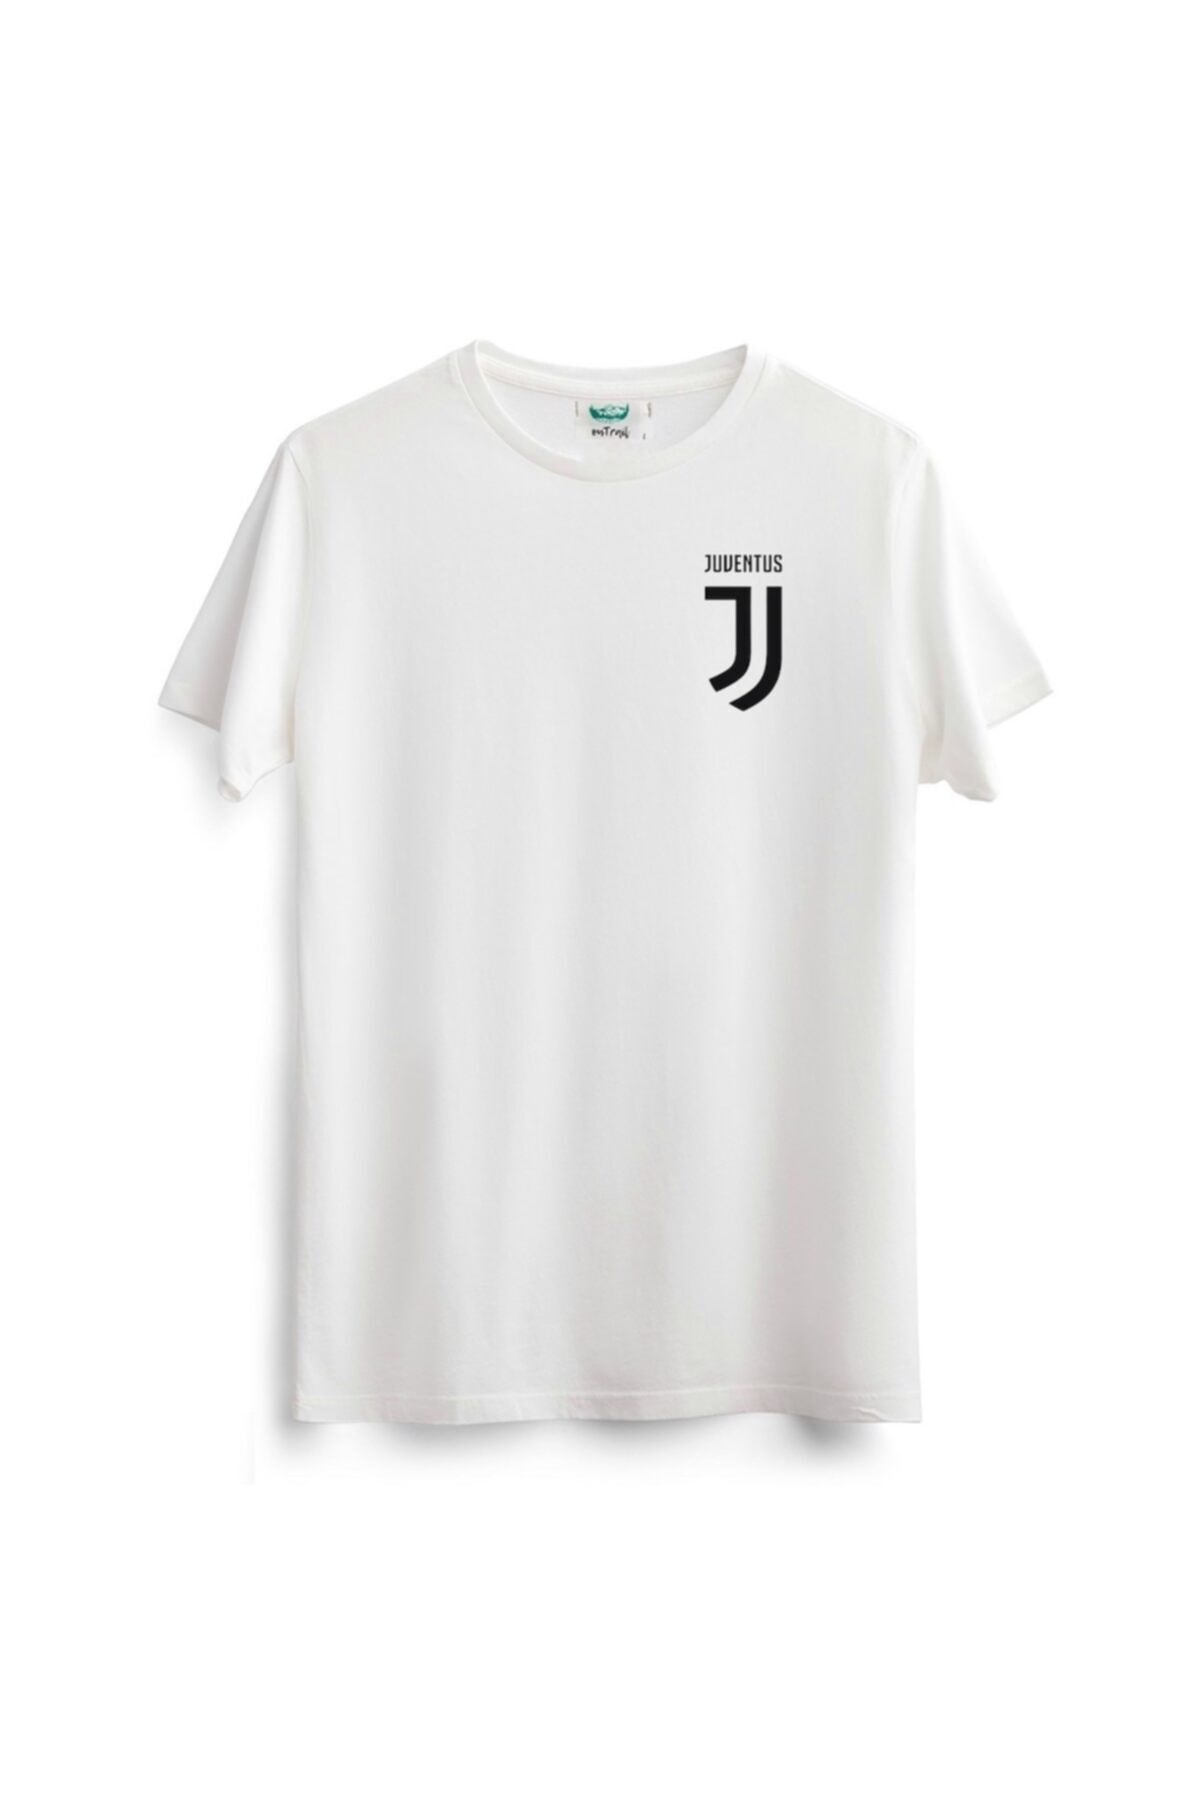 فروش نقدی تیشرت ورزشی مردانه خاص برند Outrail کد ty104112759